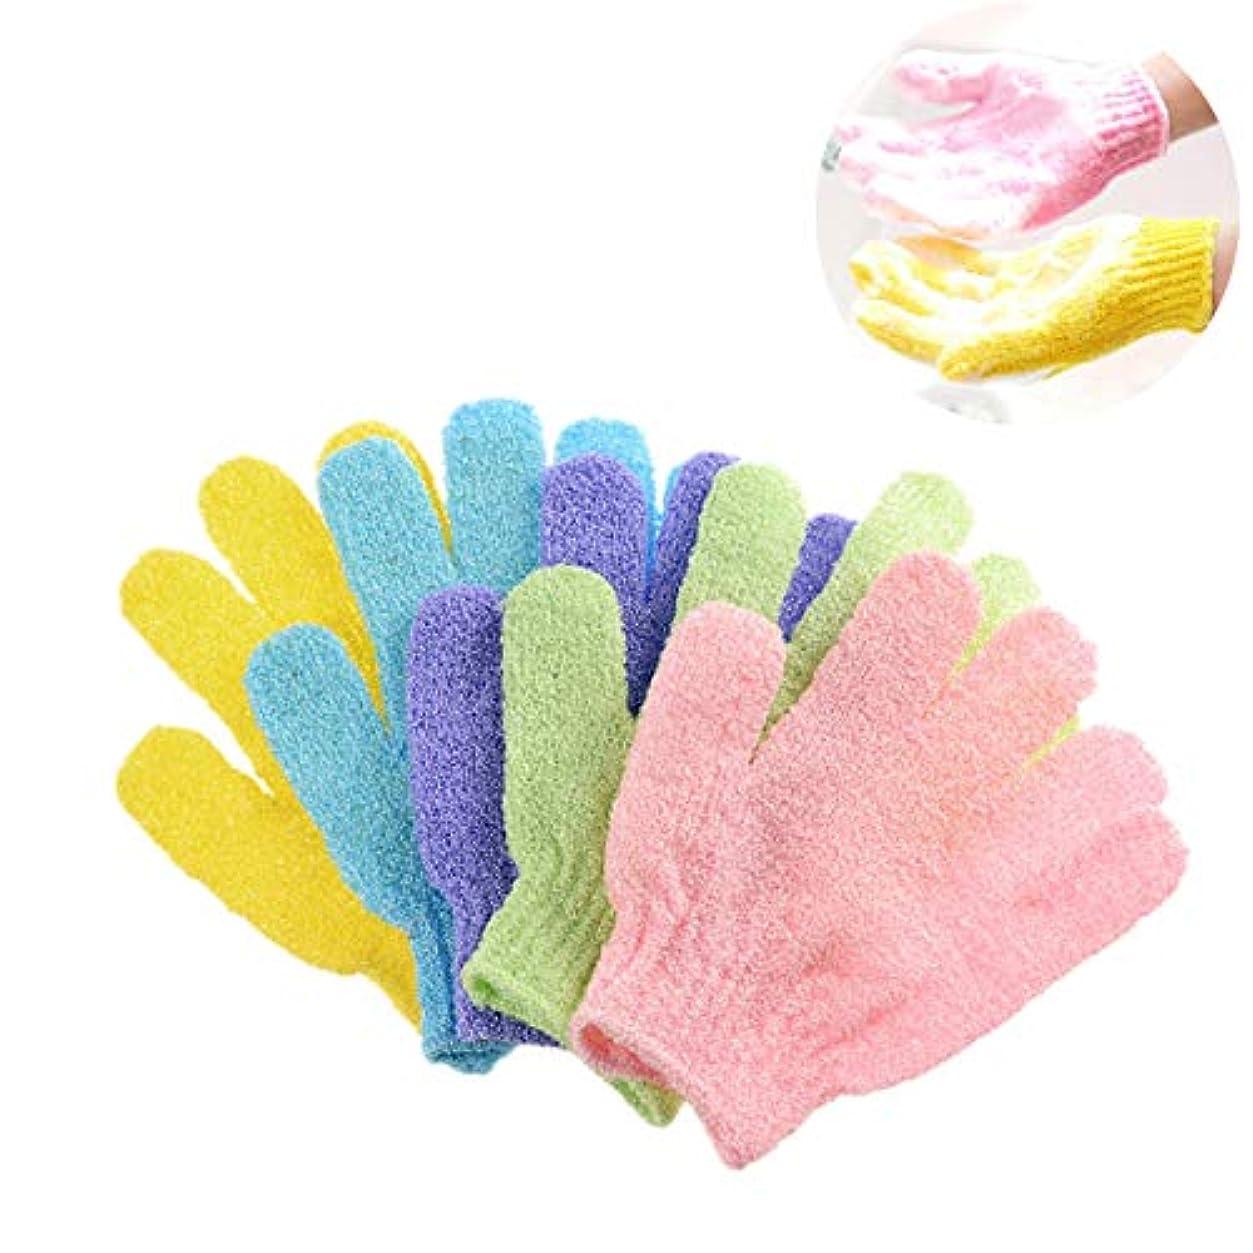 クラッシュフラッシュのように素早く果てしないKingsie 浴用手袋 10枚セット(5ペア) ボディウォッシュ手袋 お風呂手袋 角質除去 角質取り 泡立ち 垢すり グローブ